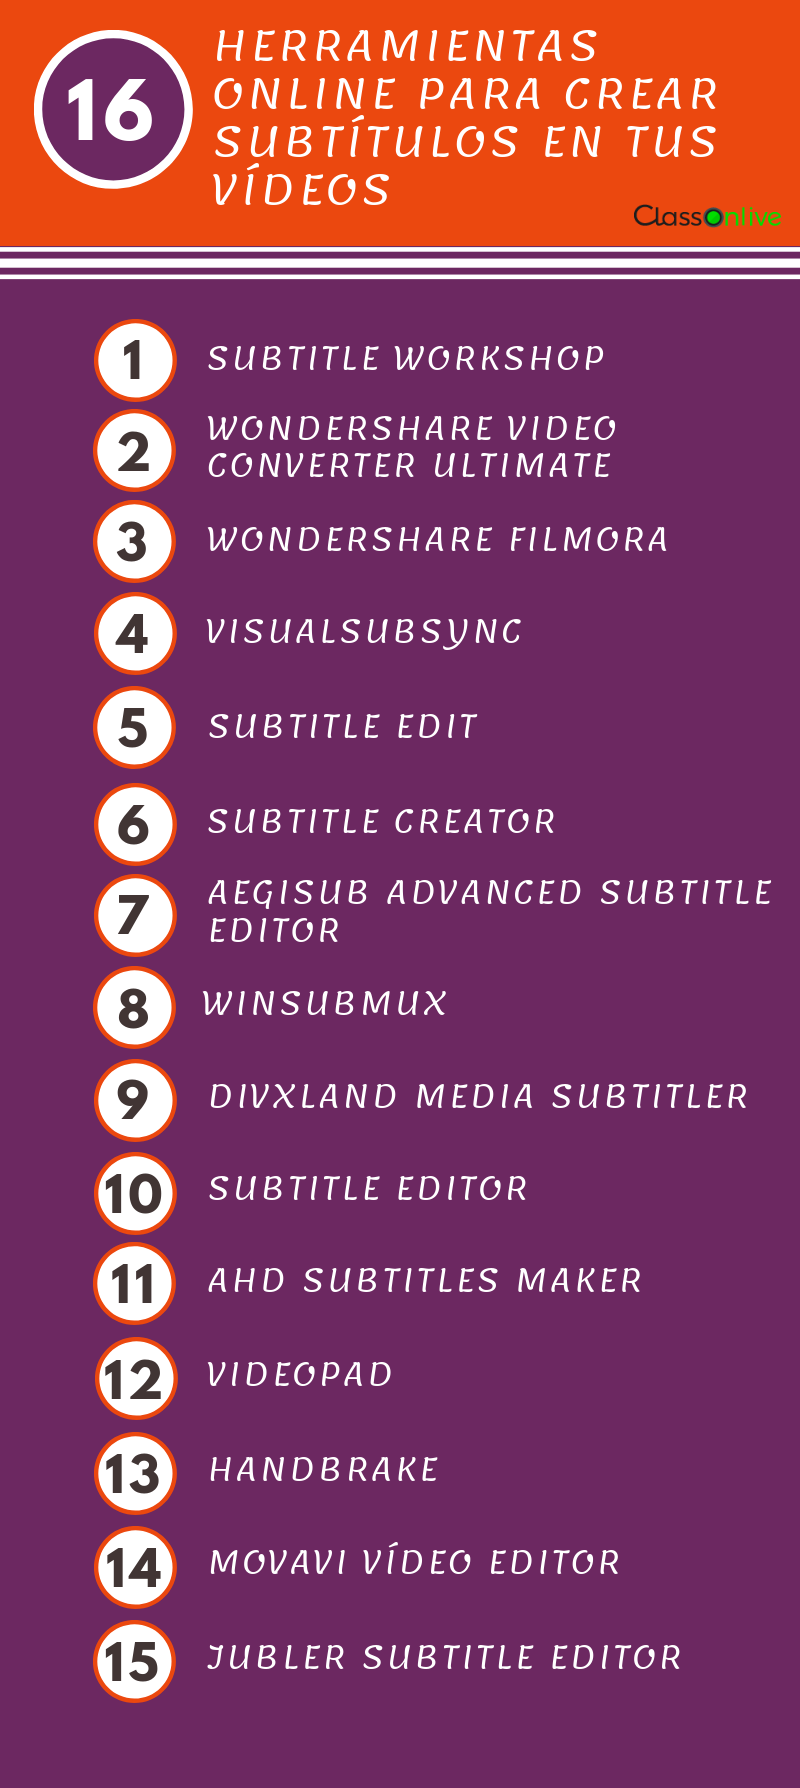 15 herramientas online para crear subtítulos en tus vídeos